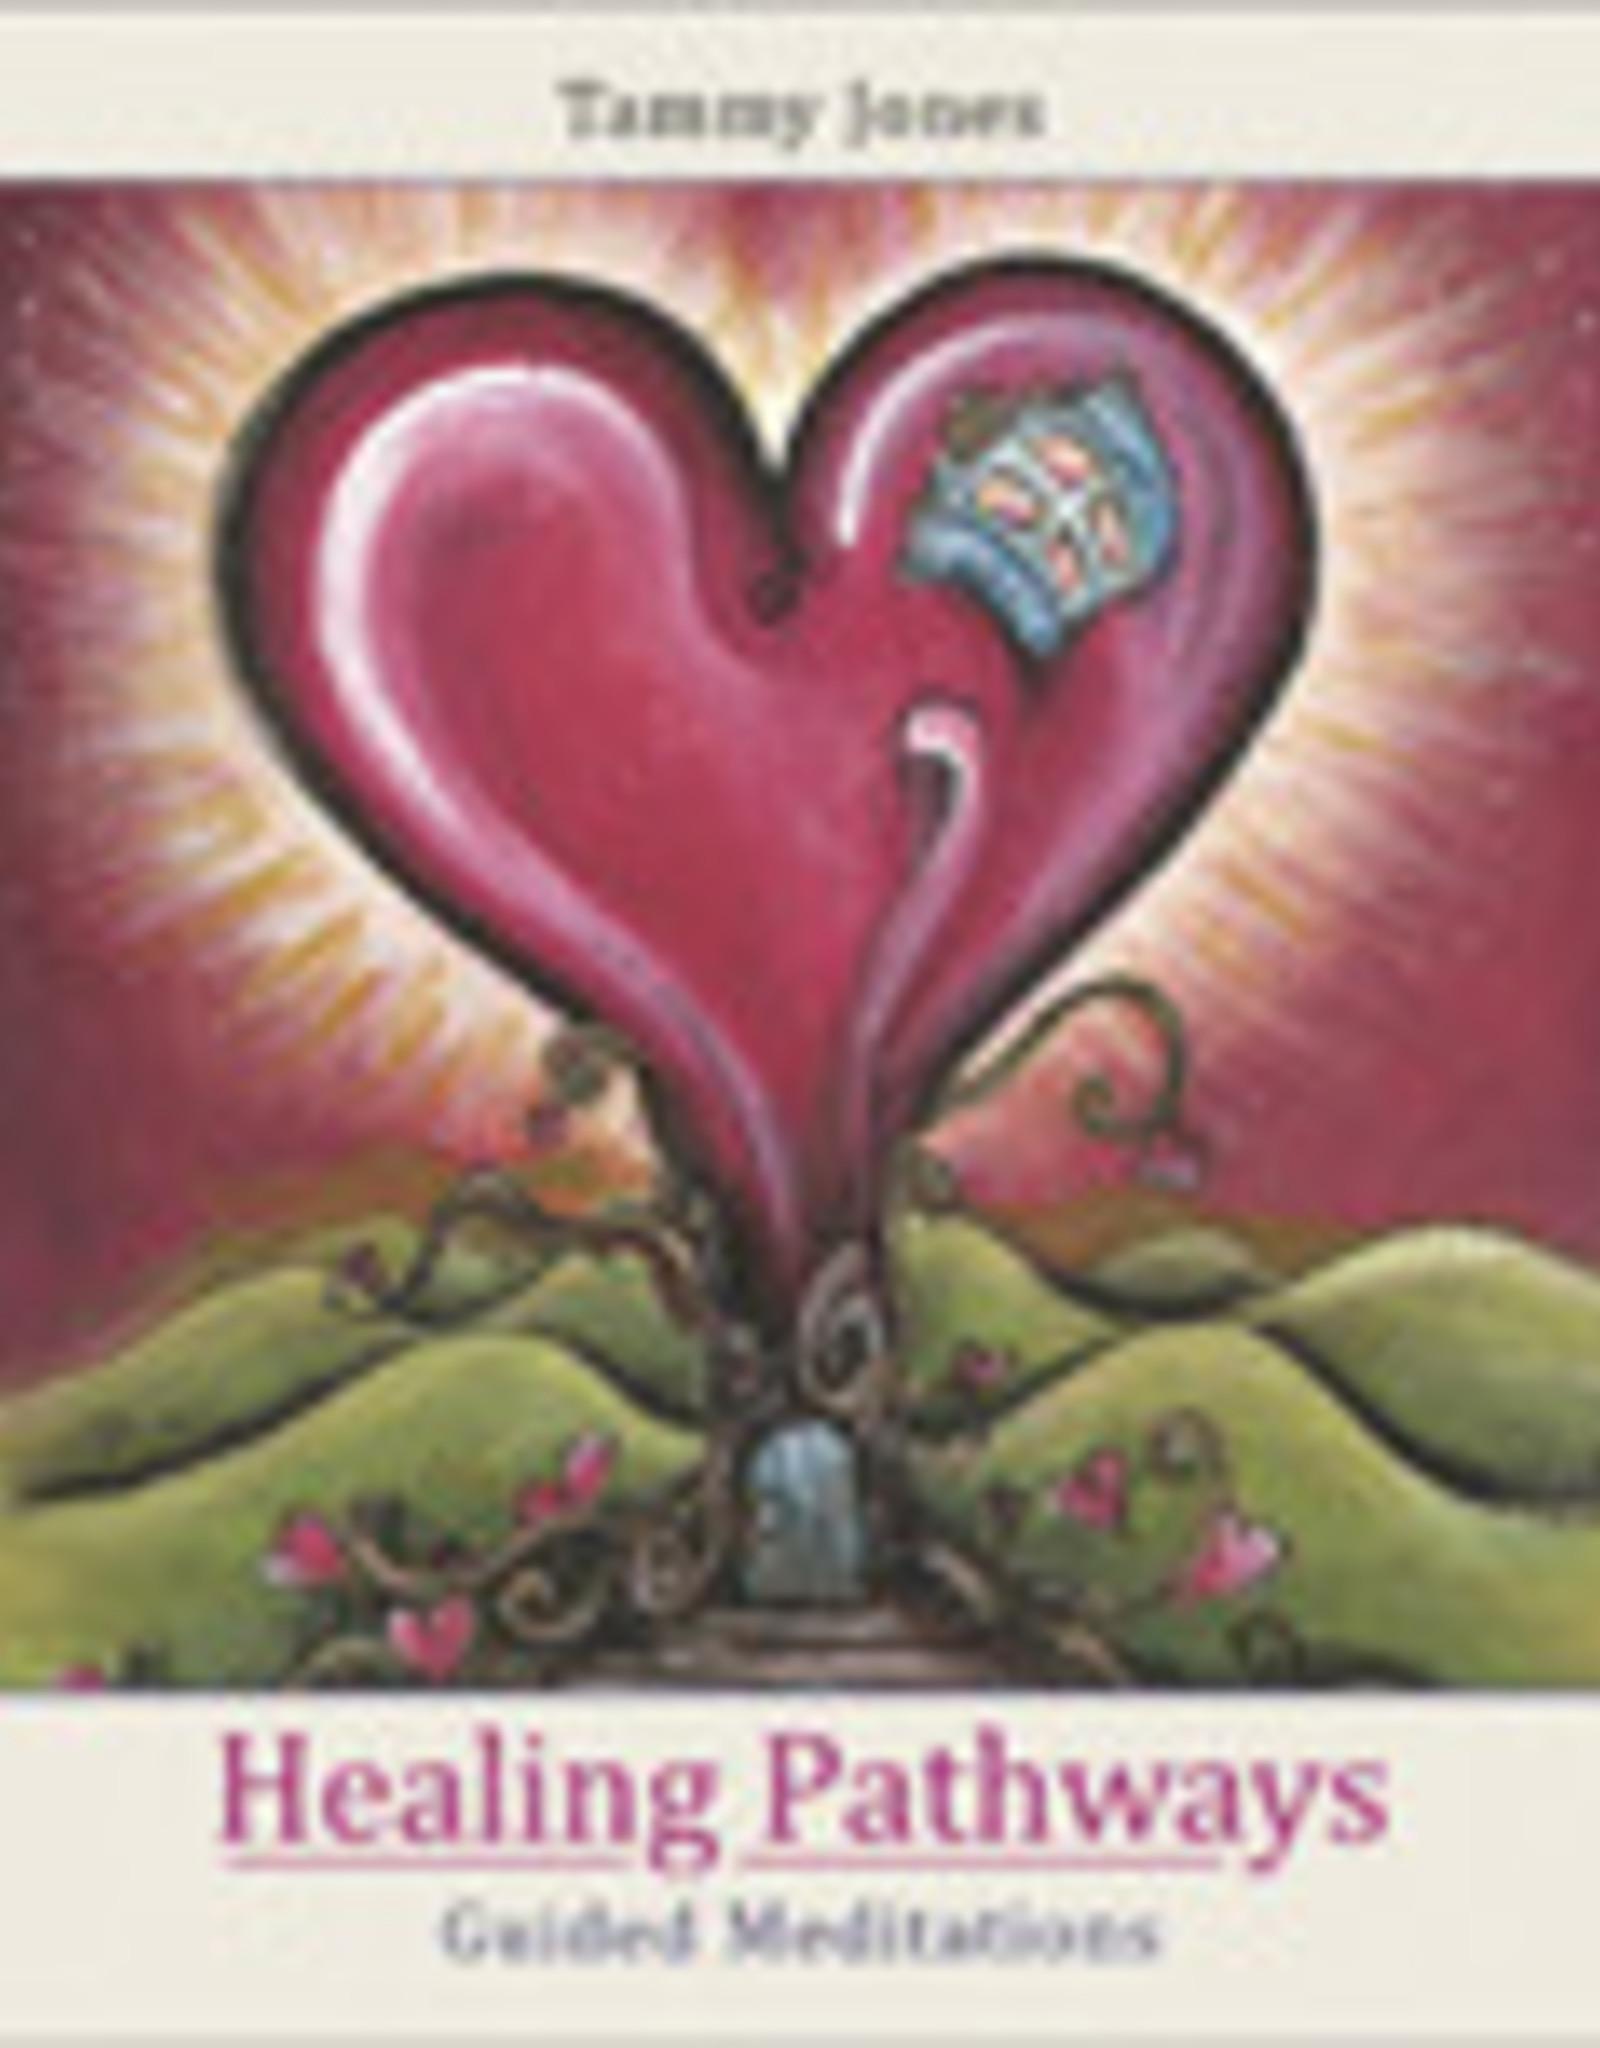 Healing Pathways CD